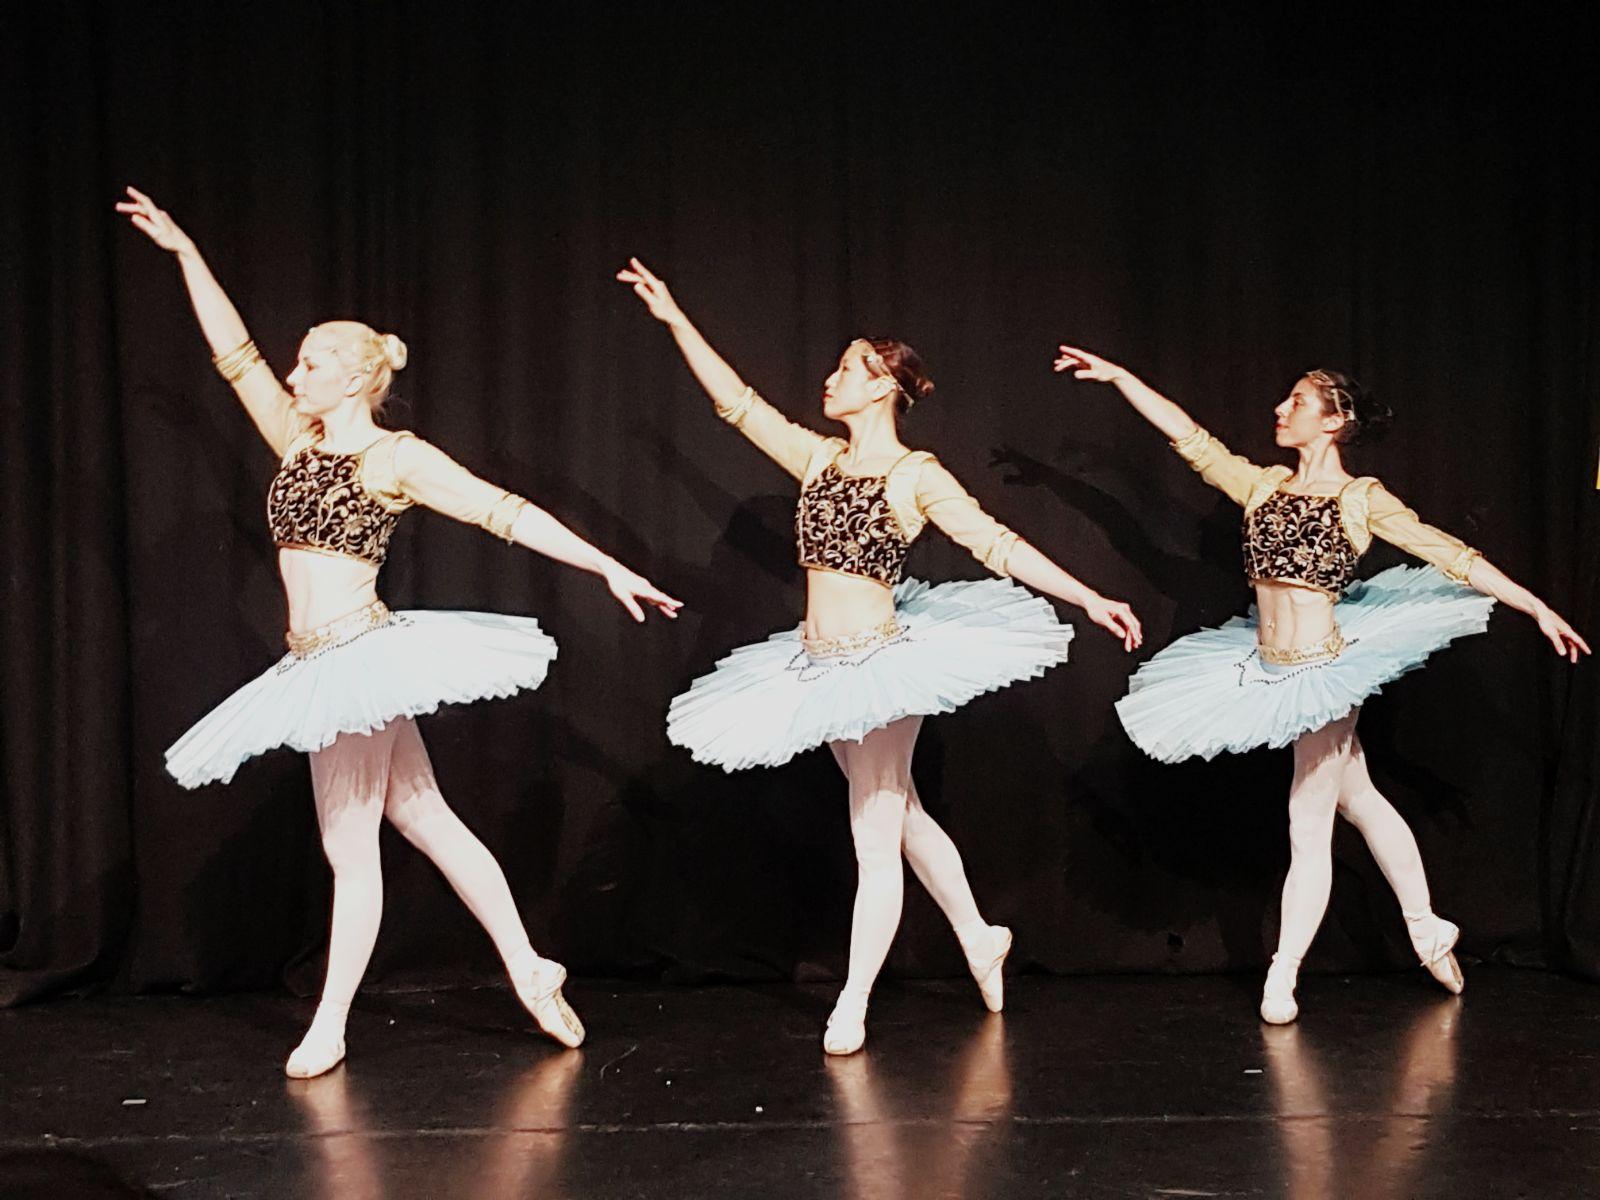 Les corsaire ballet, pas de trois